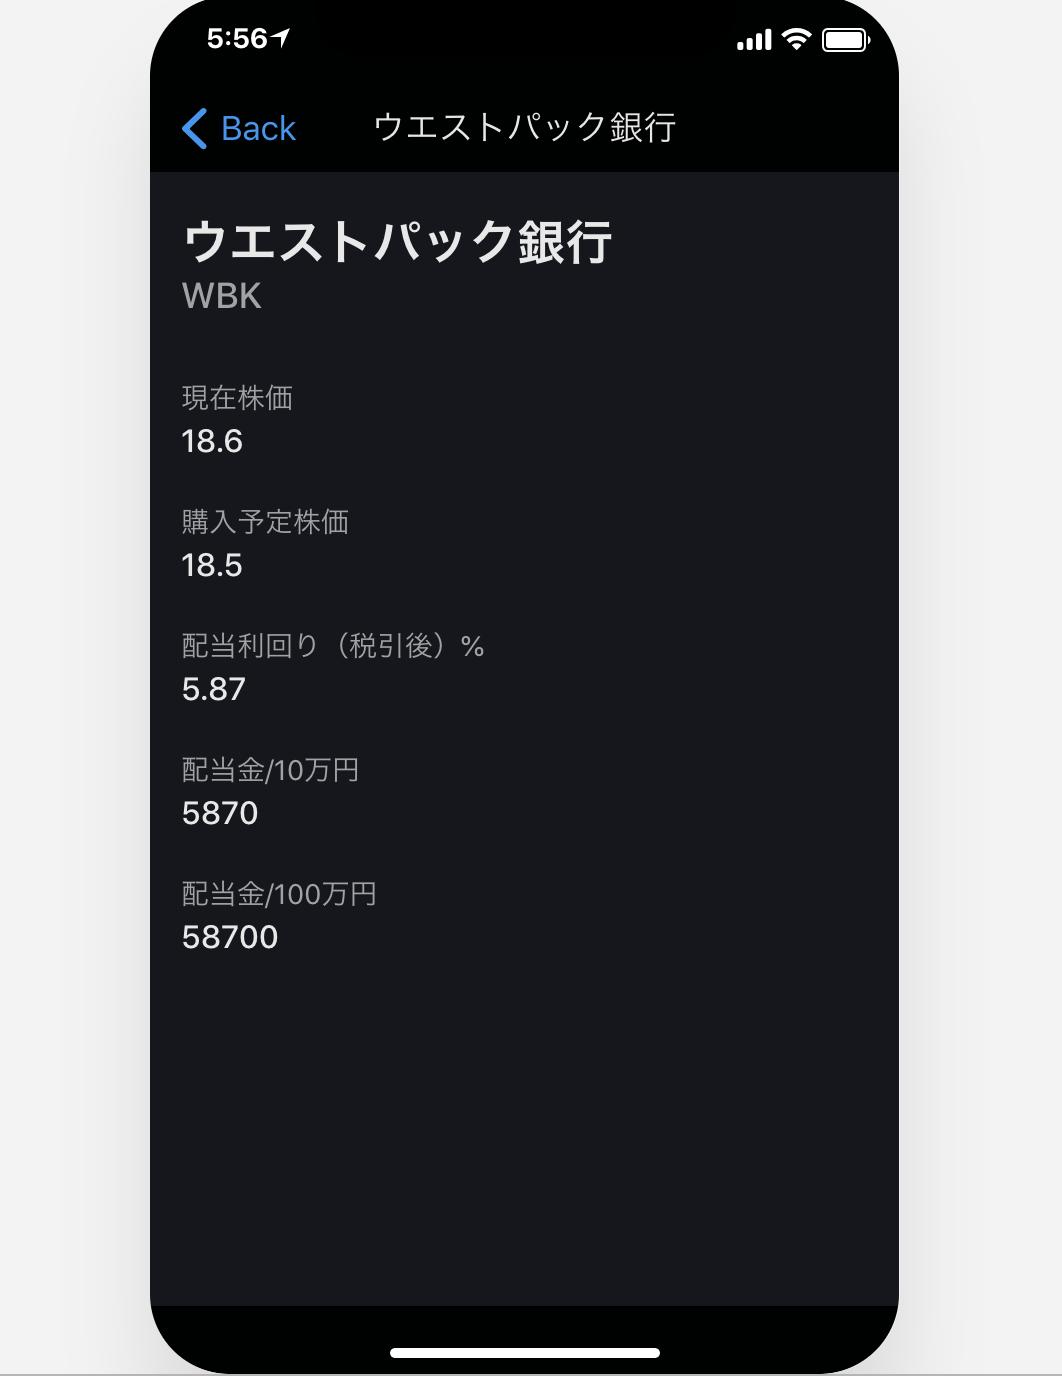 スクリーンショット 2019-04-13 17.56.45.png